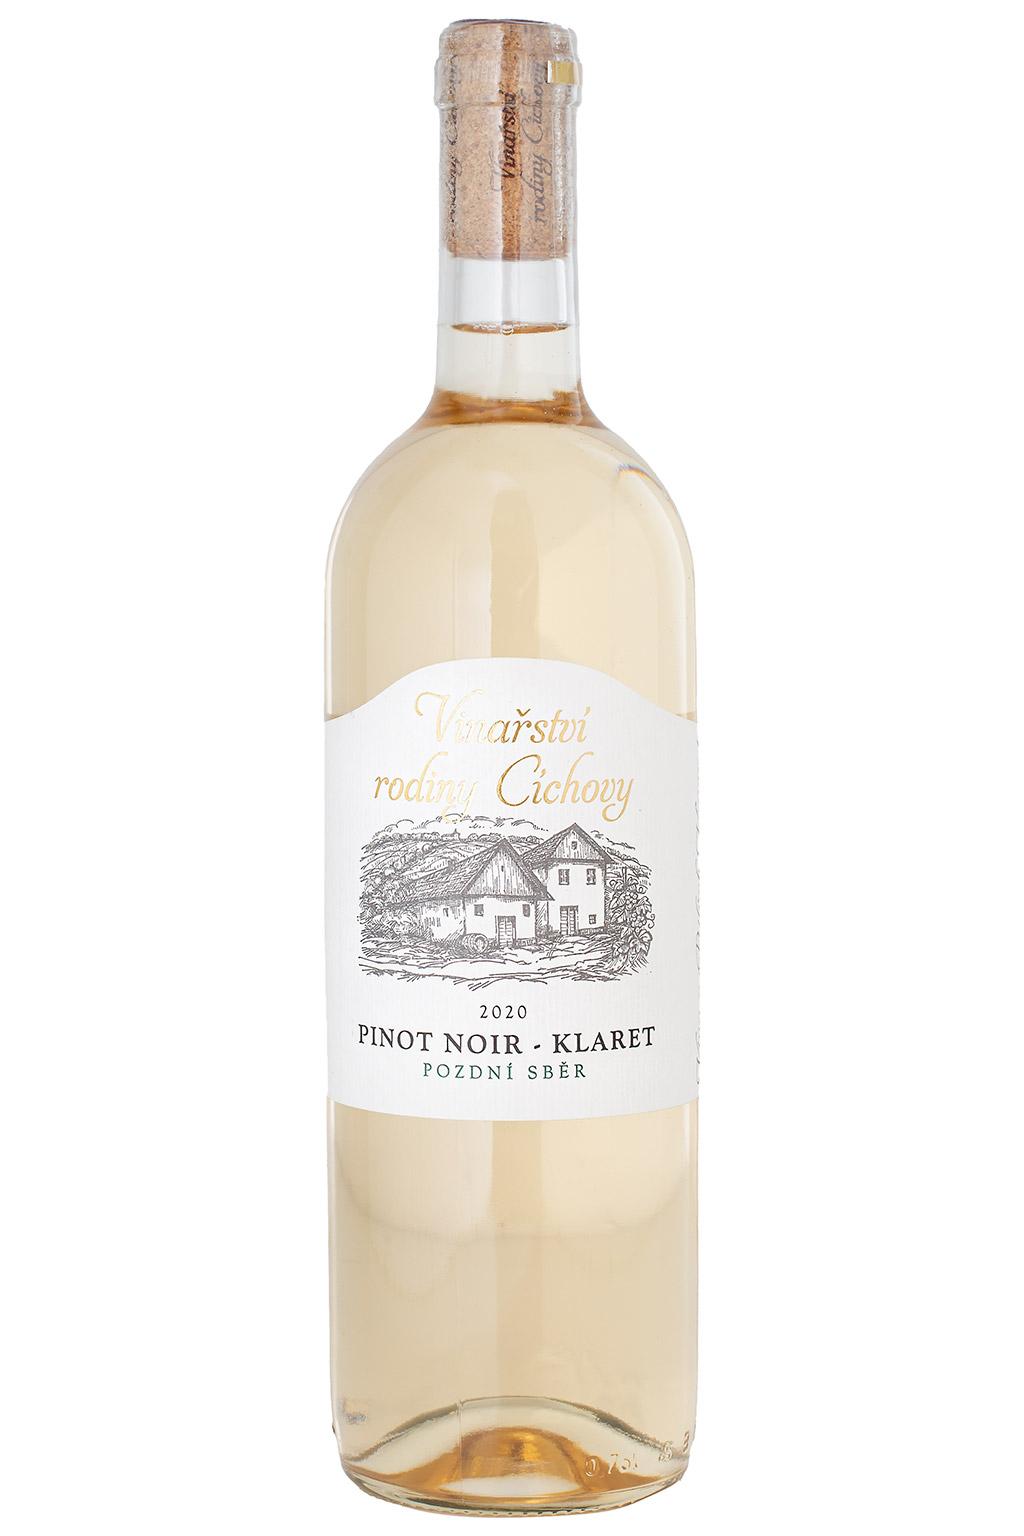 1881 1 chardonnay pozdni sber